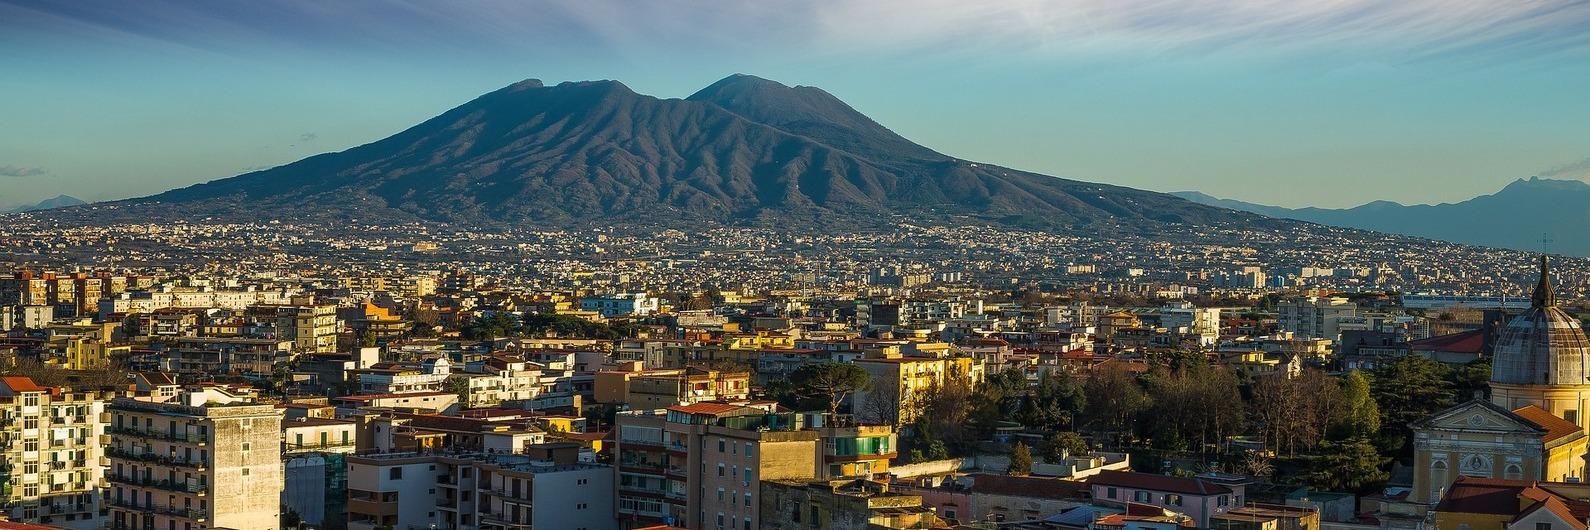 Nápoles: os encantos de uma cidade italiana com um vulcão ali tão perto